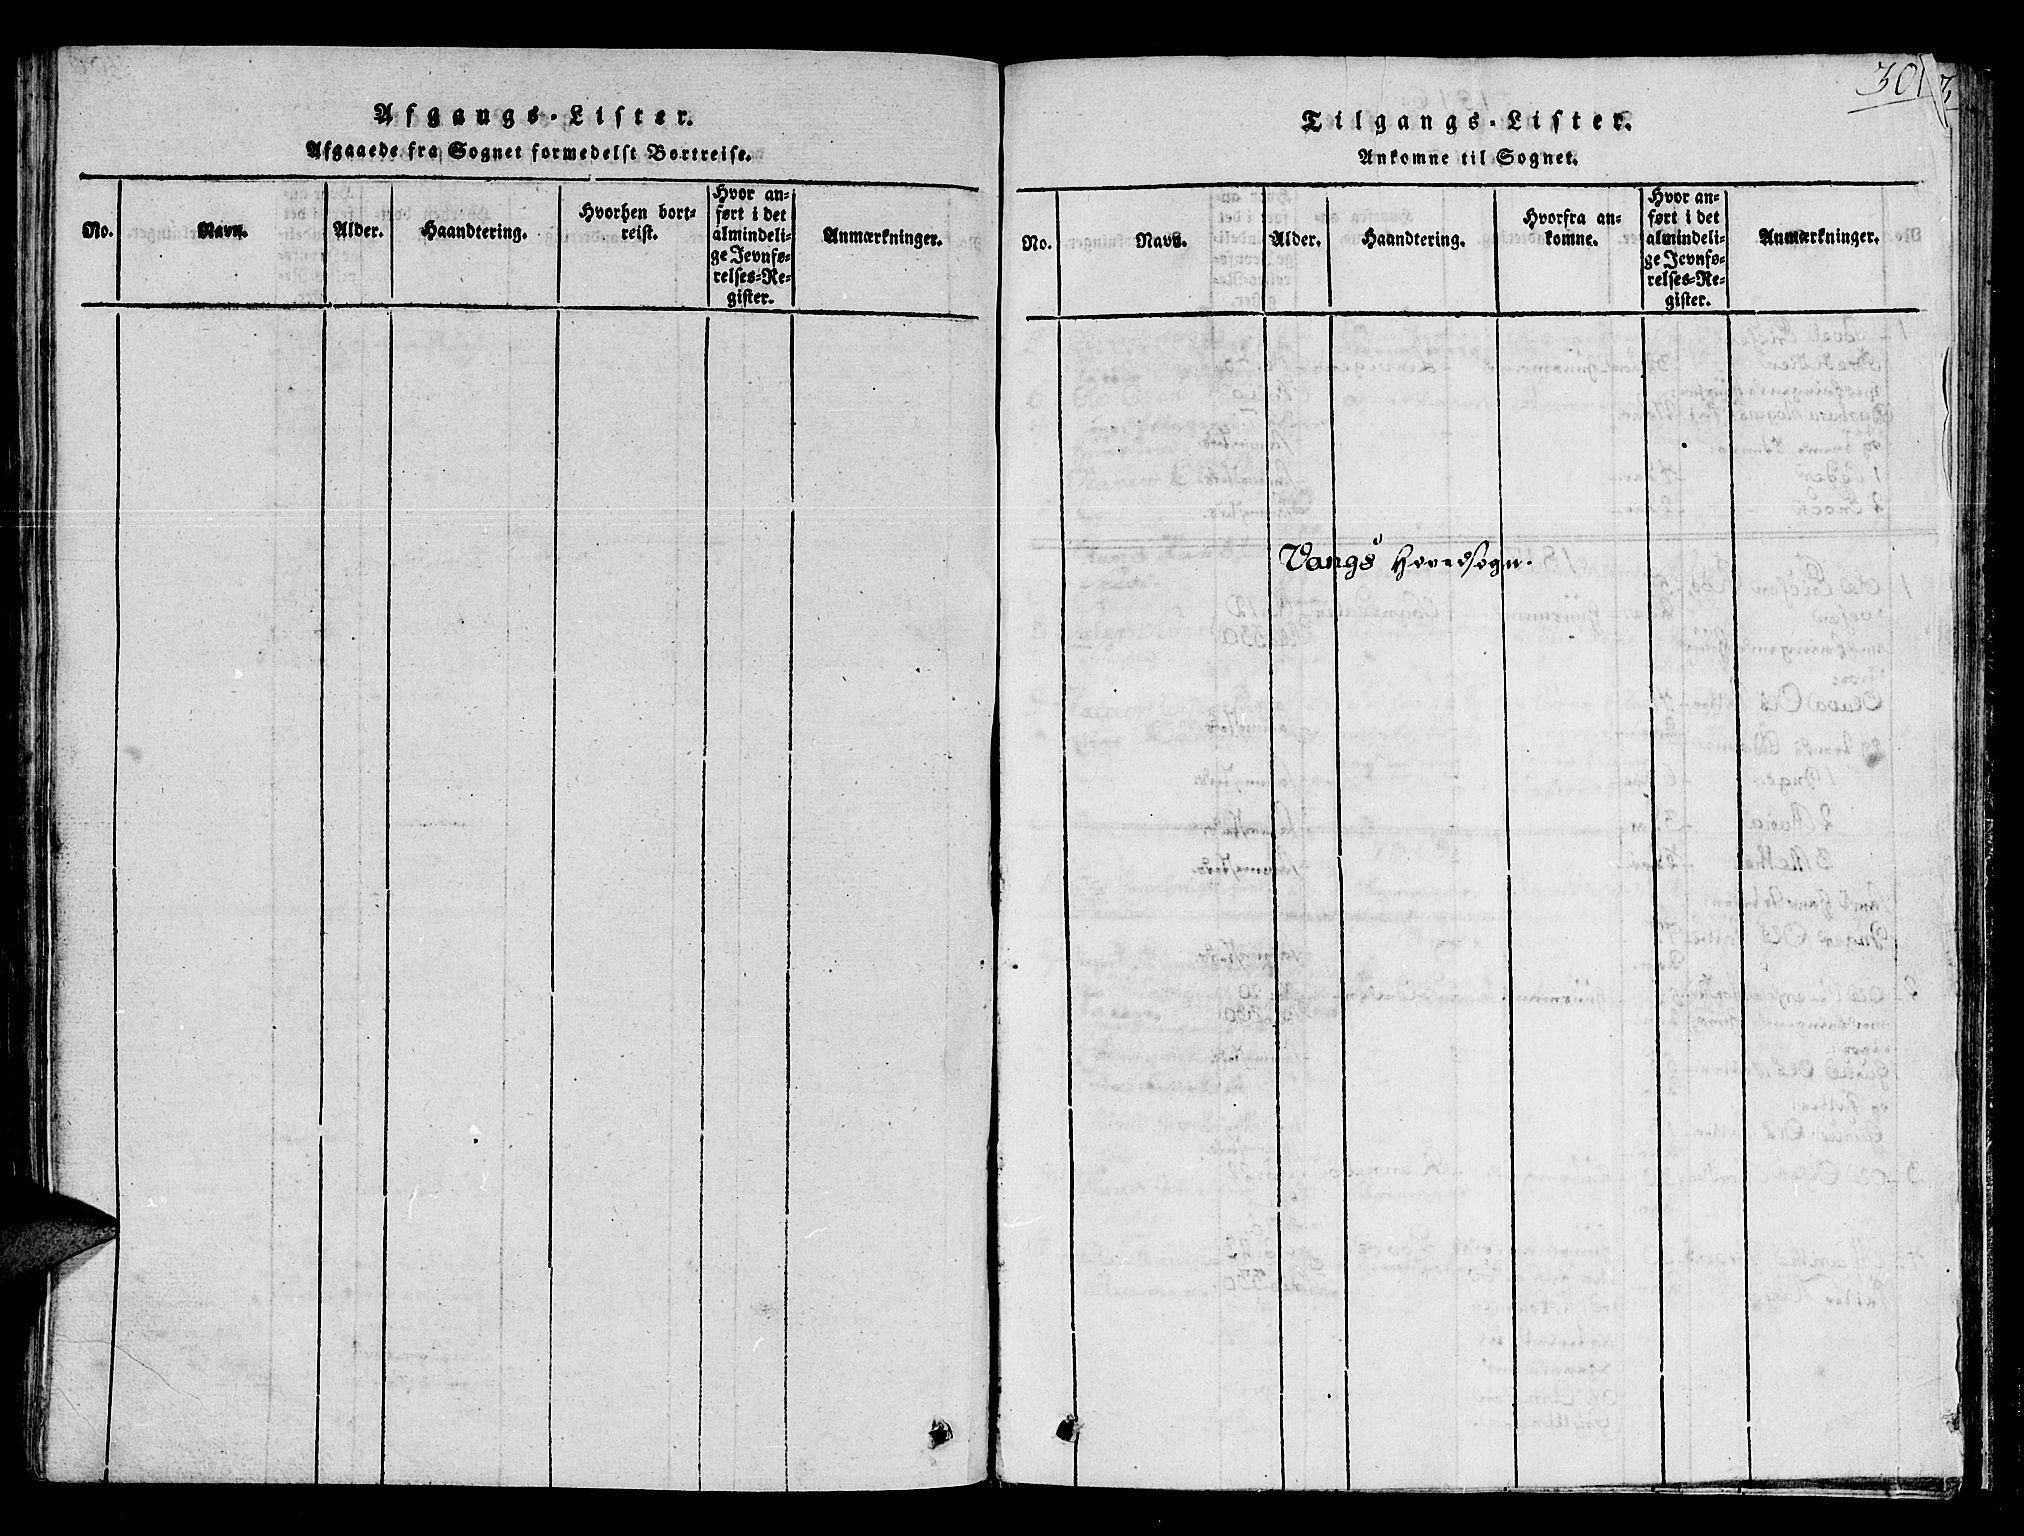 SAT, Ministerialprotokoller, klokkerbøker og fødselsregistre - Sør-Trøndelag, 678/L0895: Ministerialbok nr. 678A05 /1, 1816-1821, s. 301